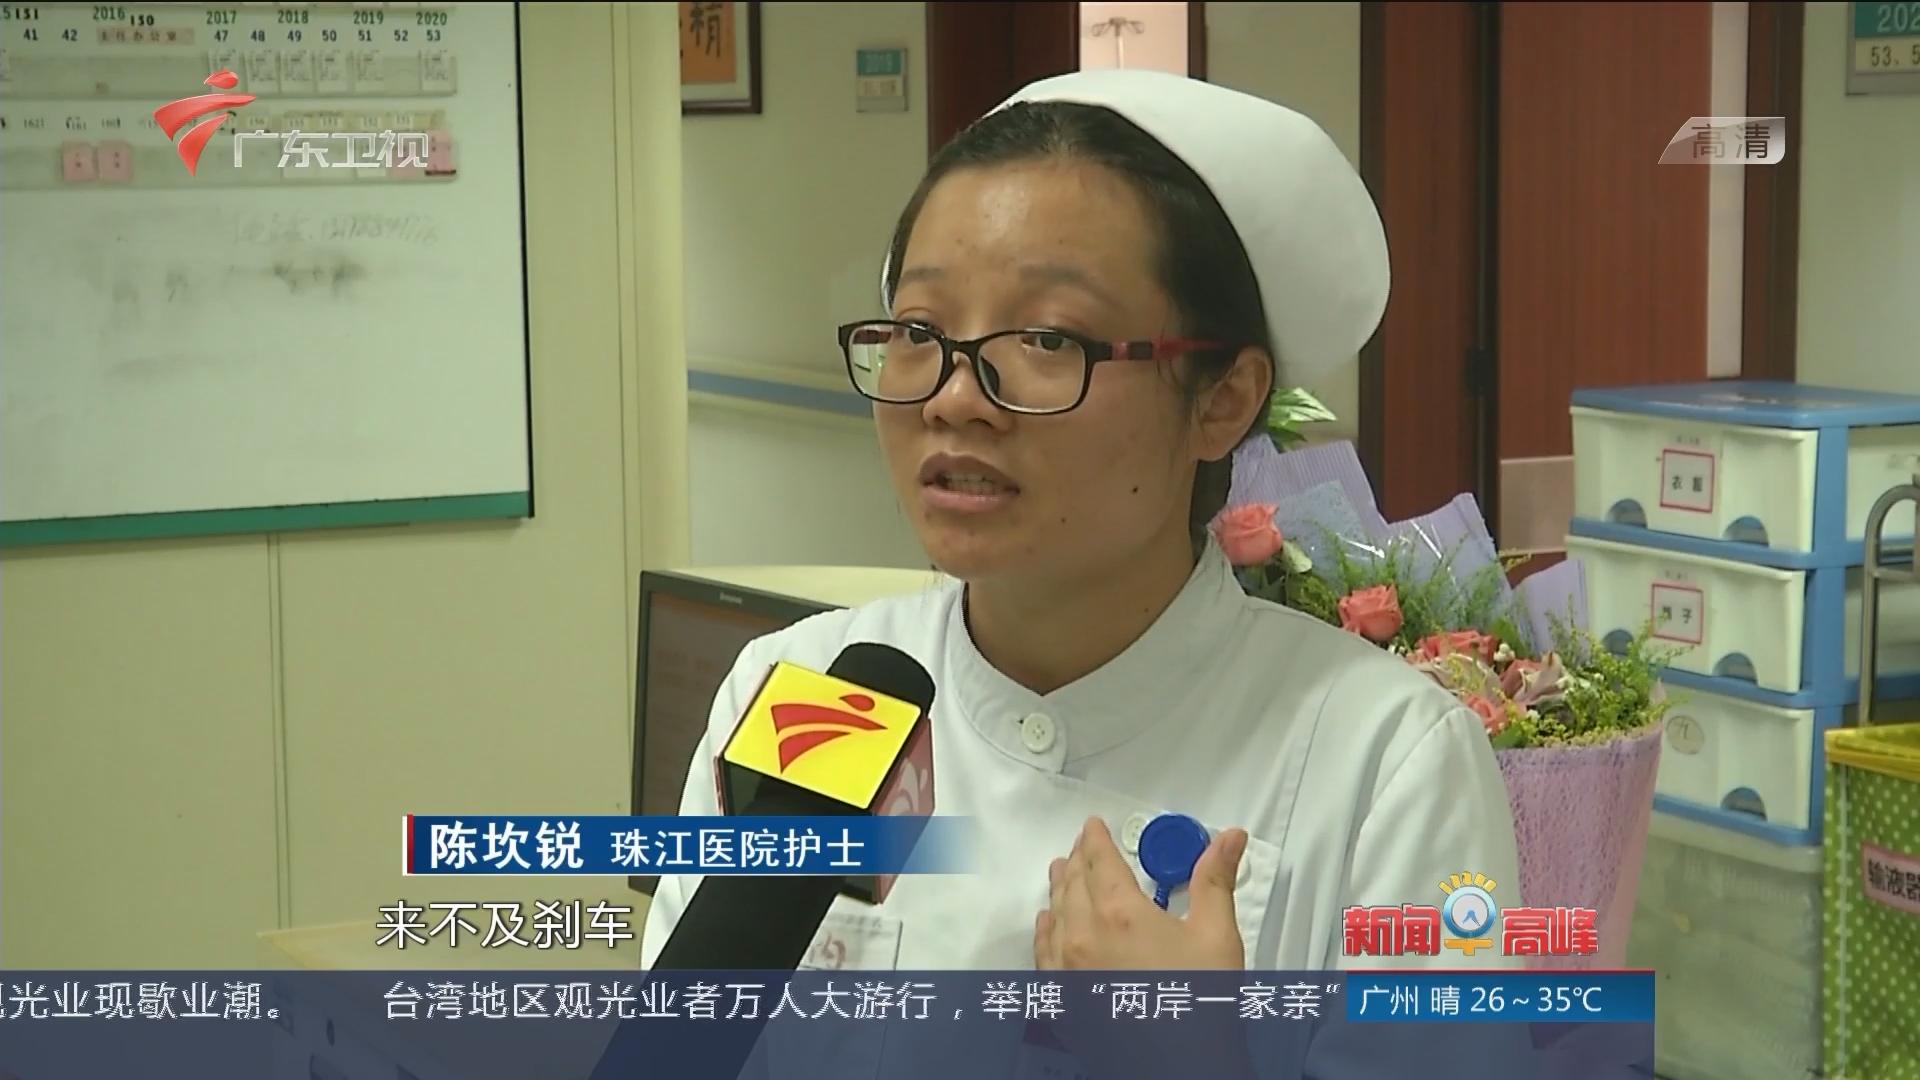 广惠高速 护士高速路雨中救人遇车祸